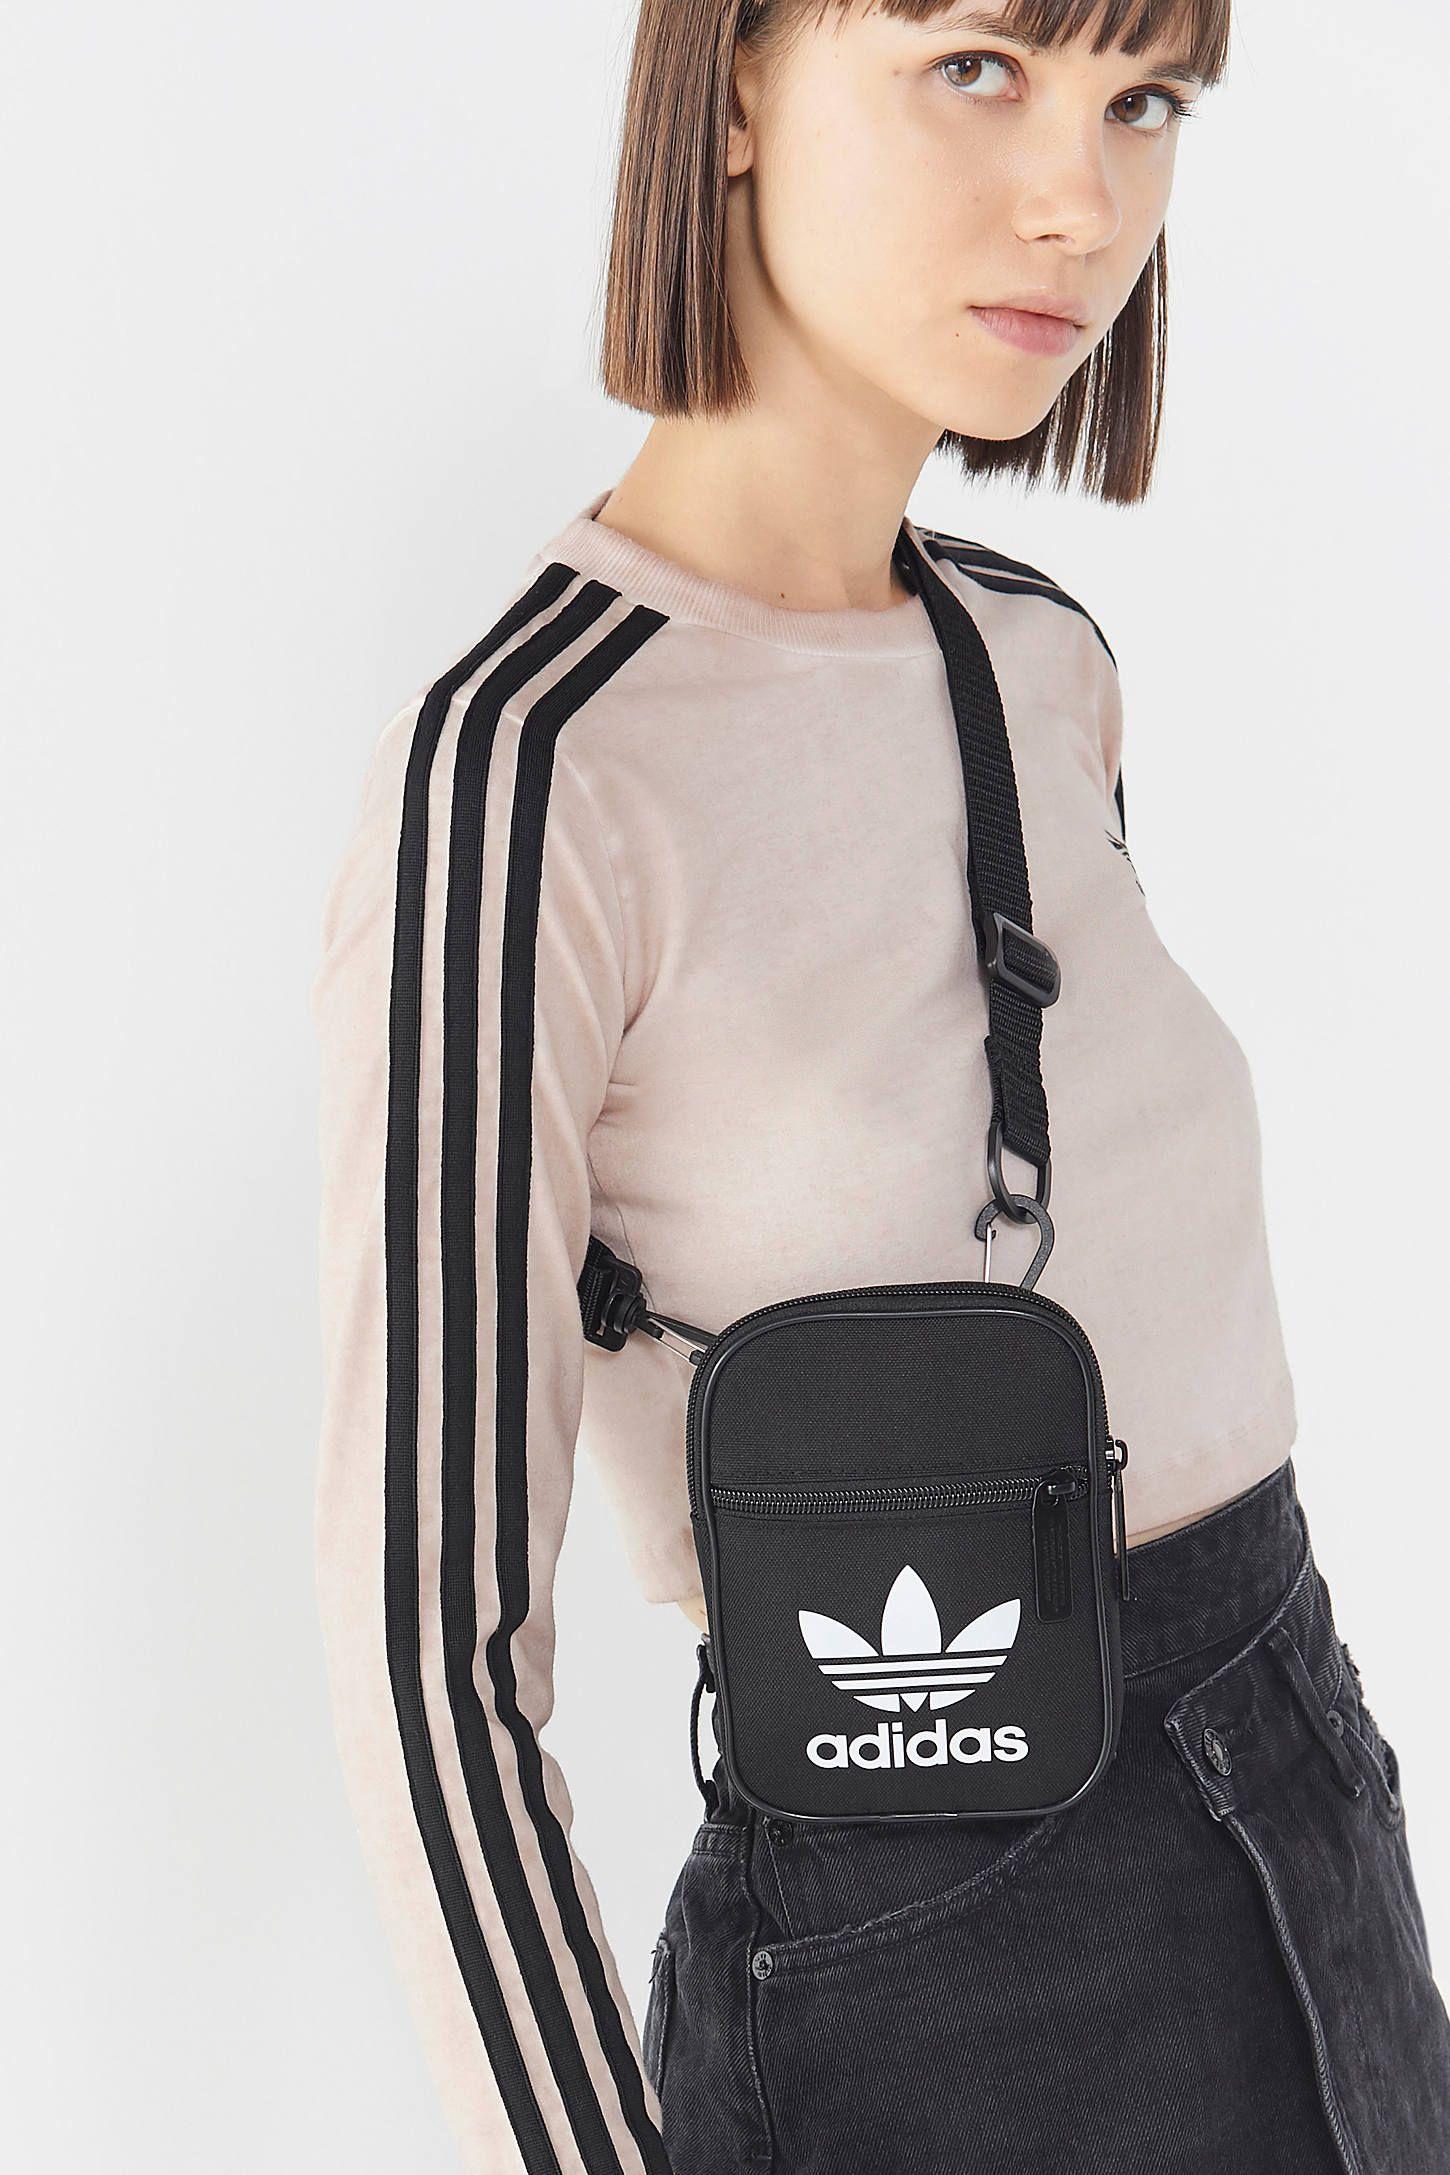 7957c0ed8c adidas Originals Trefoil Festival Crossbody Bag in 2019